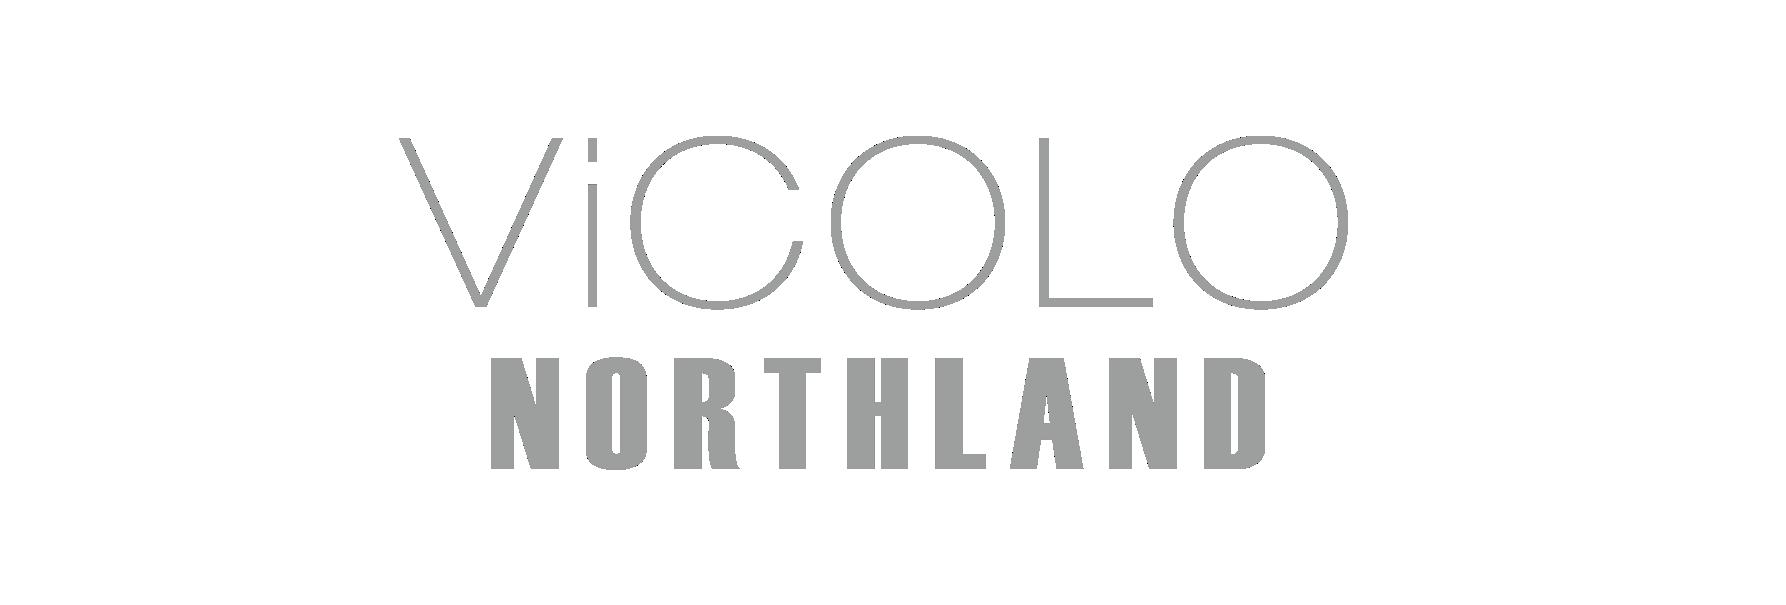 Одежда Norland Vicolo оптом и в розницу с доставкой по России